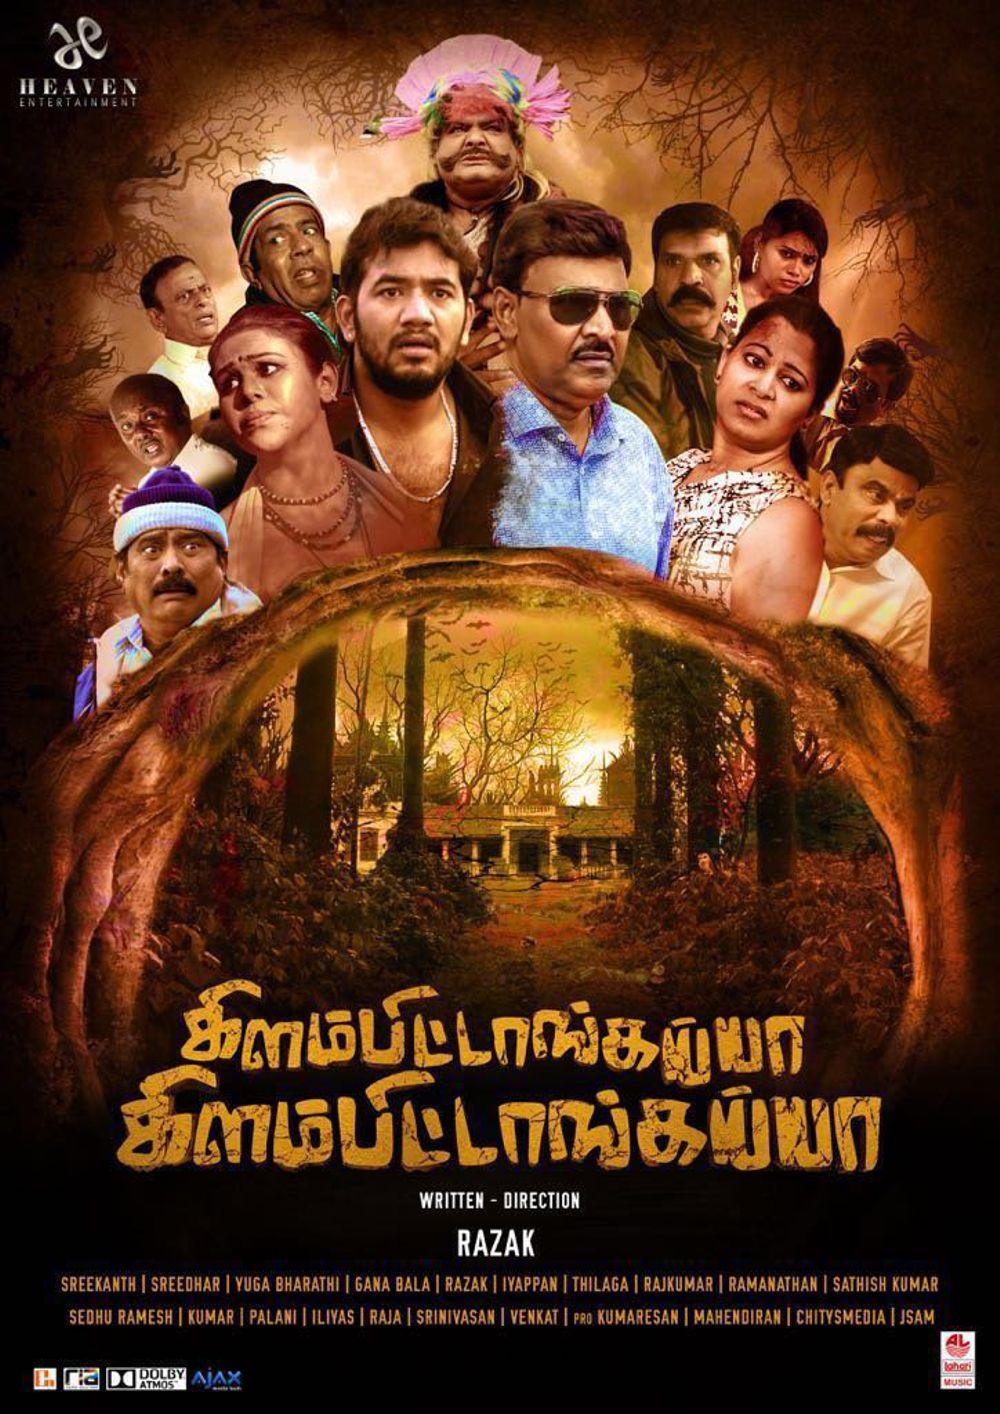 Kilambitaangayaa Kilambitaangayaa Movie Review